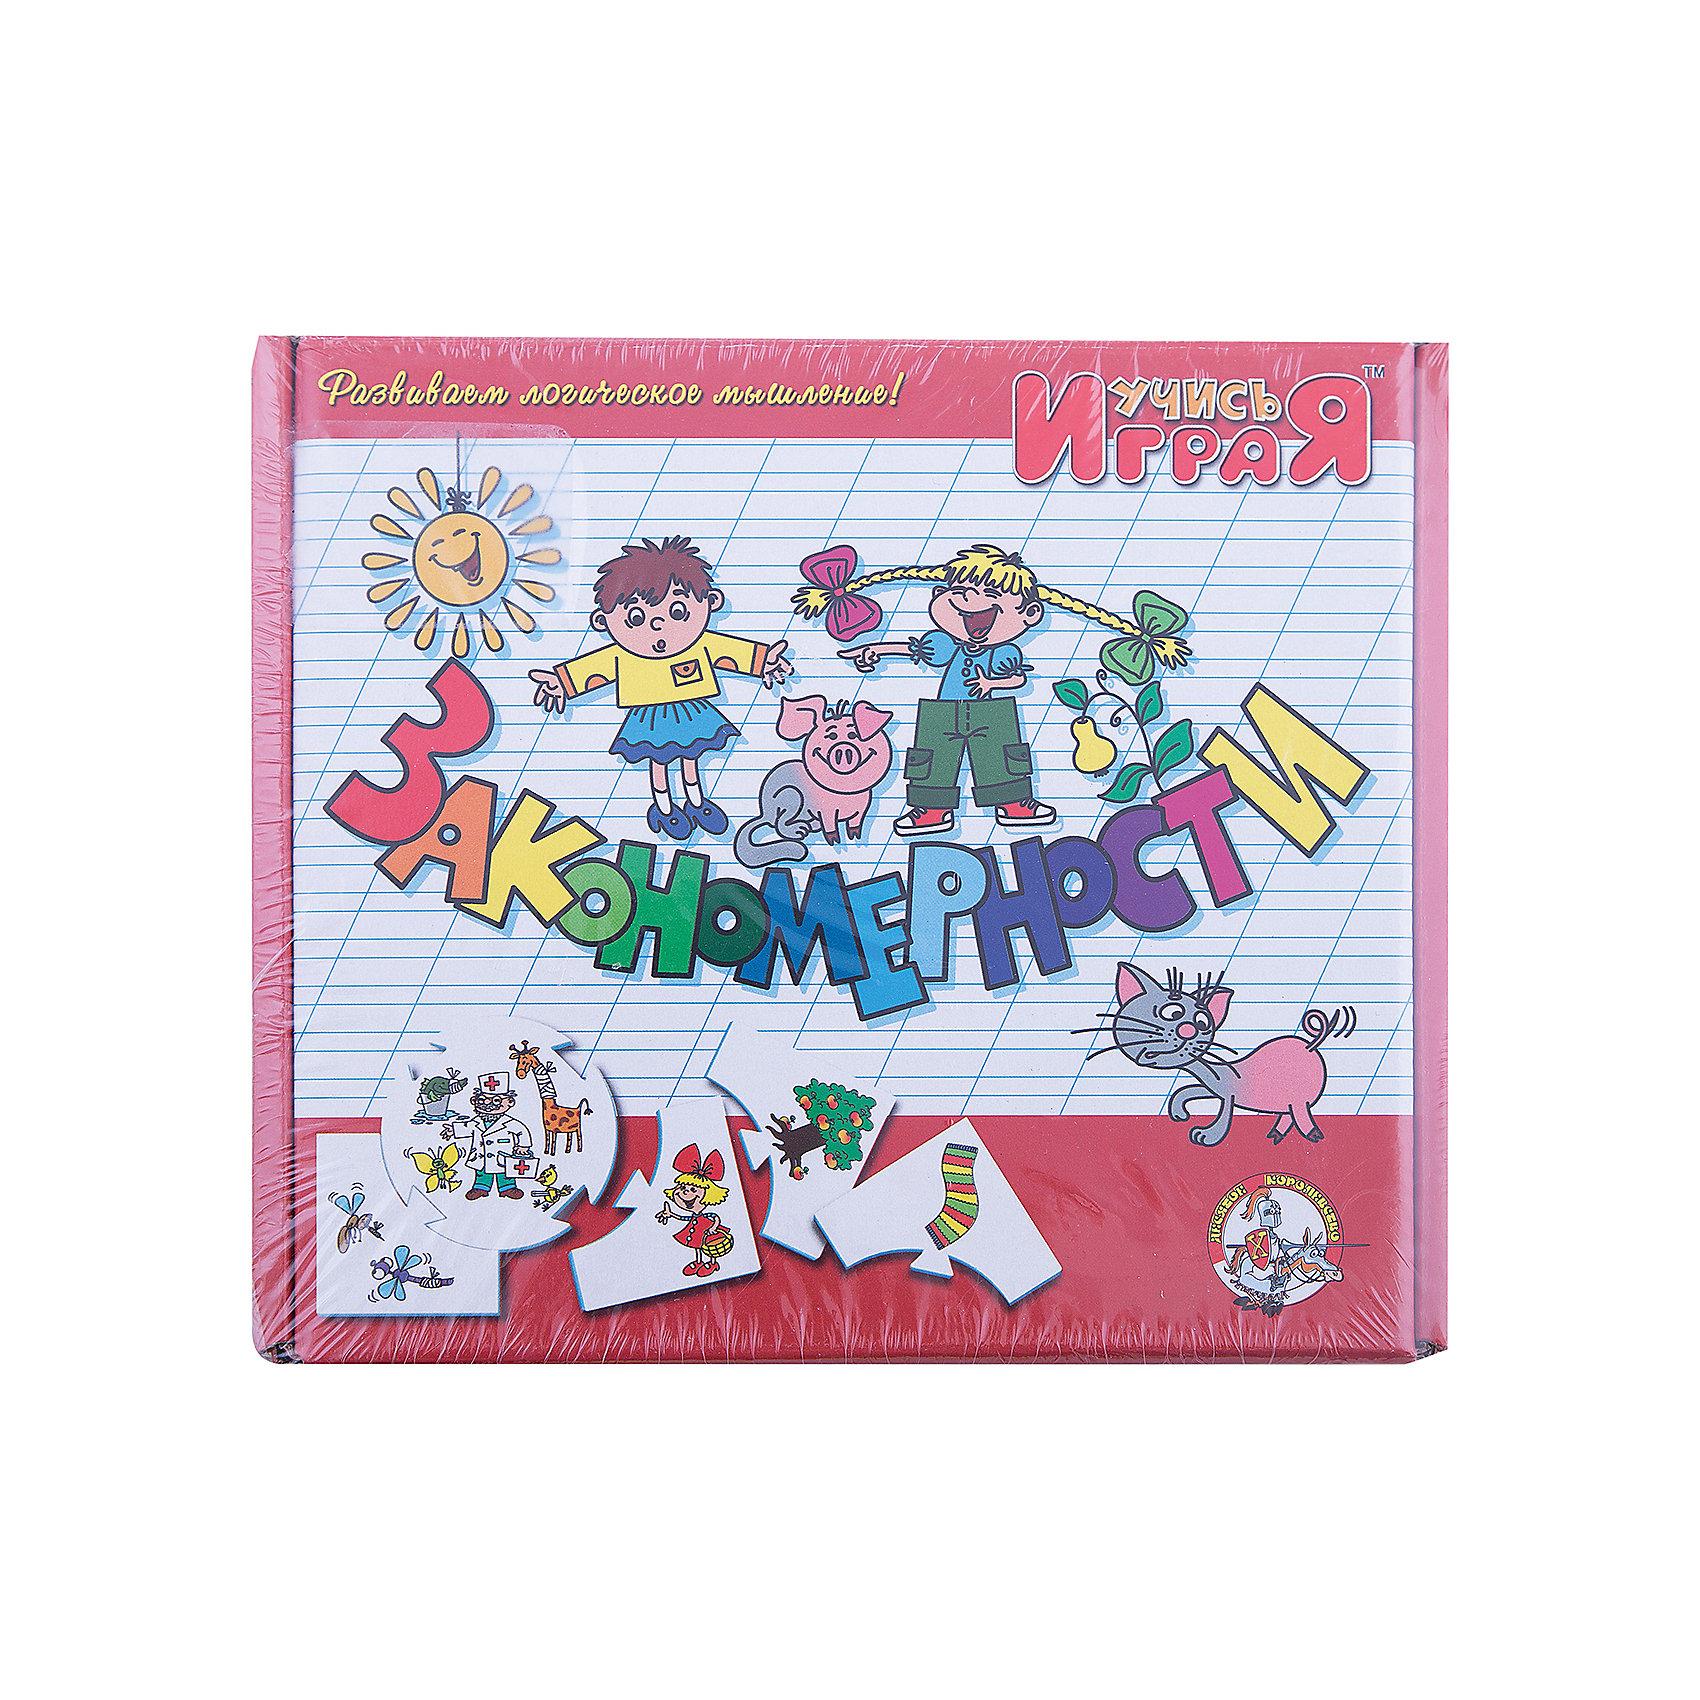 Игра обучающая  Закономерности, Десятое королевствоРазвивающие игры<br>Игра обучающая Закономерности, Десятое королевство<br><br>Характеристики:<br><br>• Возраст: от 3 лет<br>• Количество игроков: от 1 до 10<br>• В комплекте: 10 карточек заданий, 4 карточки с ответами<br><br>В этой увлекательной обучающей игре могут участвовать одновременно от 1 до 10 детей! В наборе содержатся 10 карточек-заданий, на которых изображены рисунки по теме «закономерности». К каждой необходимо найти 4 карточки-ответа, чтобы дополнить их содержание. В процессе игры дети исследуют закономерности и логические цепочки, работают над мелкой моторикой и расширяют свои знания и представления об окружающем мире.<br><br>Игра обучающая Закономерности, Десятое королевство можно купить в нашем интернет-магазине.<br><br>Ширина мм: 230<br>Глубина мм: 200<br>Высота мм: 35<br>Вес г: 240<br>Возраст от месяцев: 84<br>Возраст до месяцев: 2147483647<br>Пол: Унисекс<br>Возраст: Детский<br>SKU: 5471680